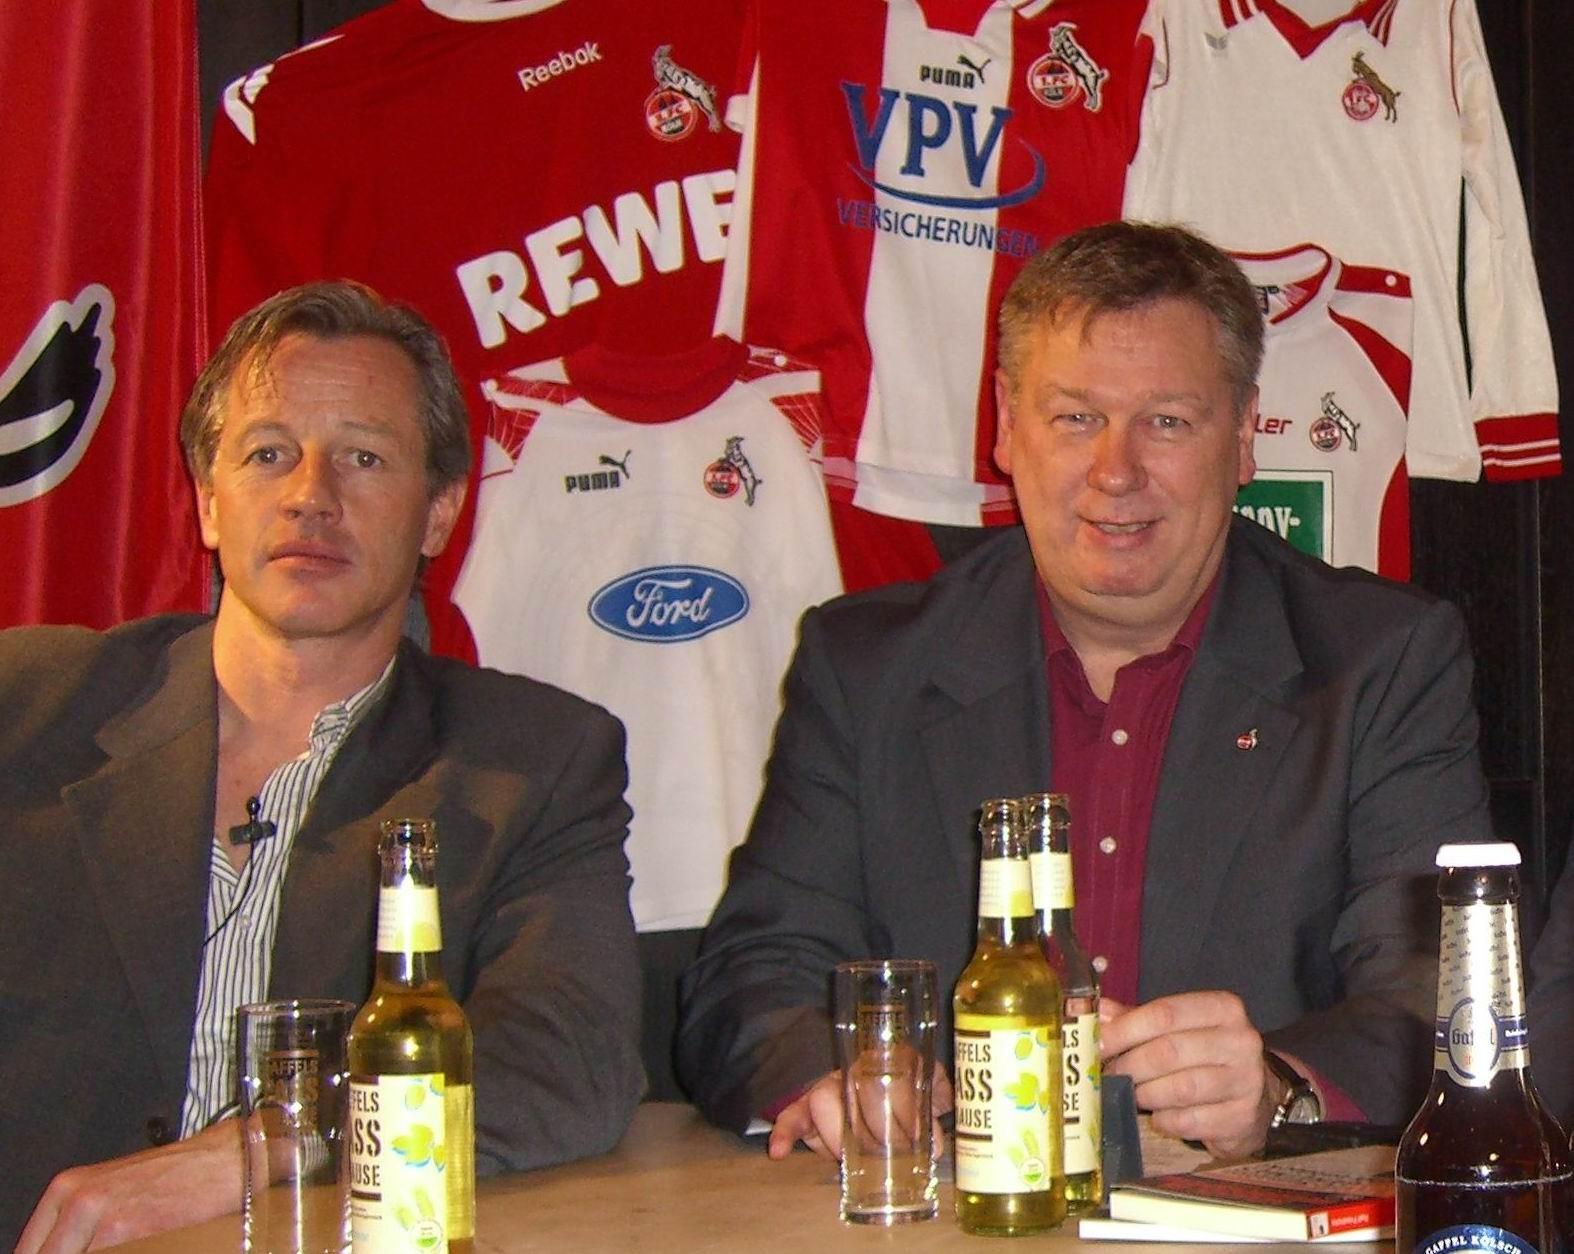 Spielte auch mal beim FC, Jens Keller zu Gast, kurz bevor er Schalke 04 übernahm